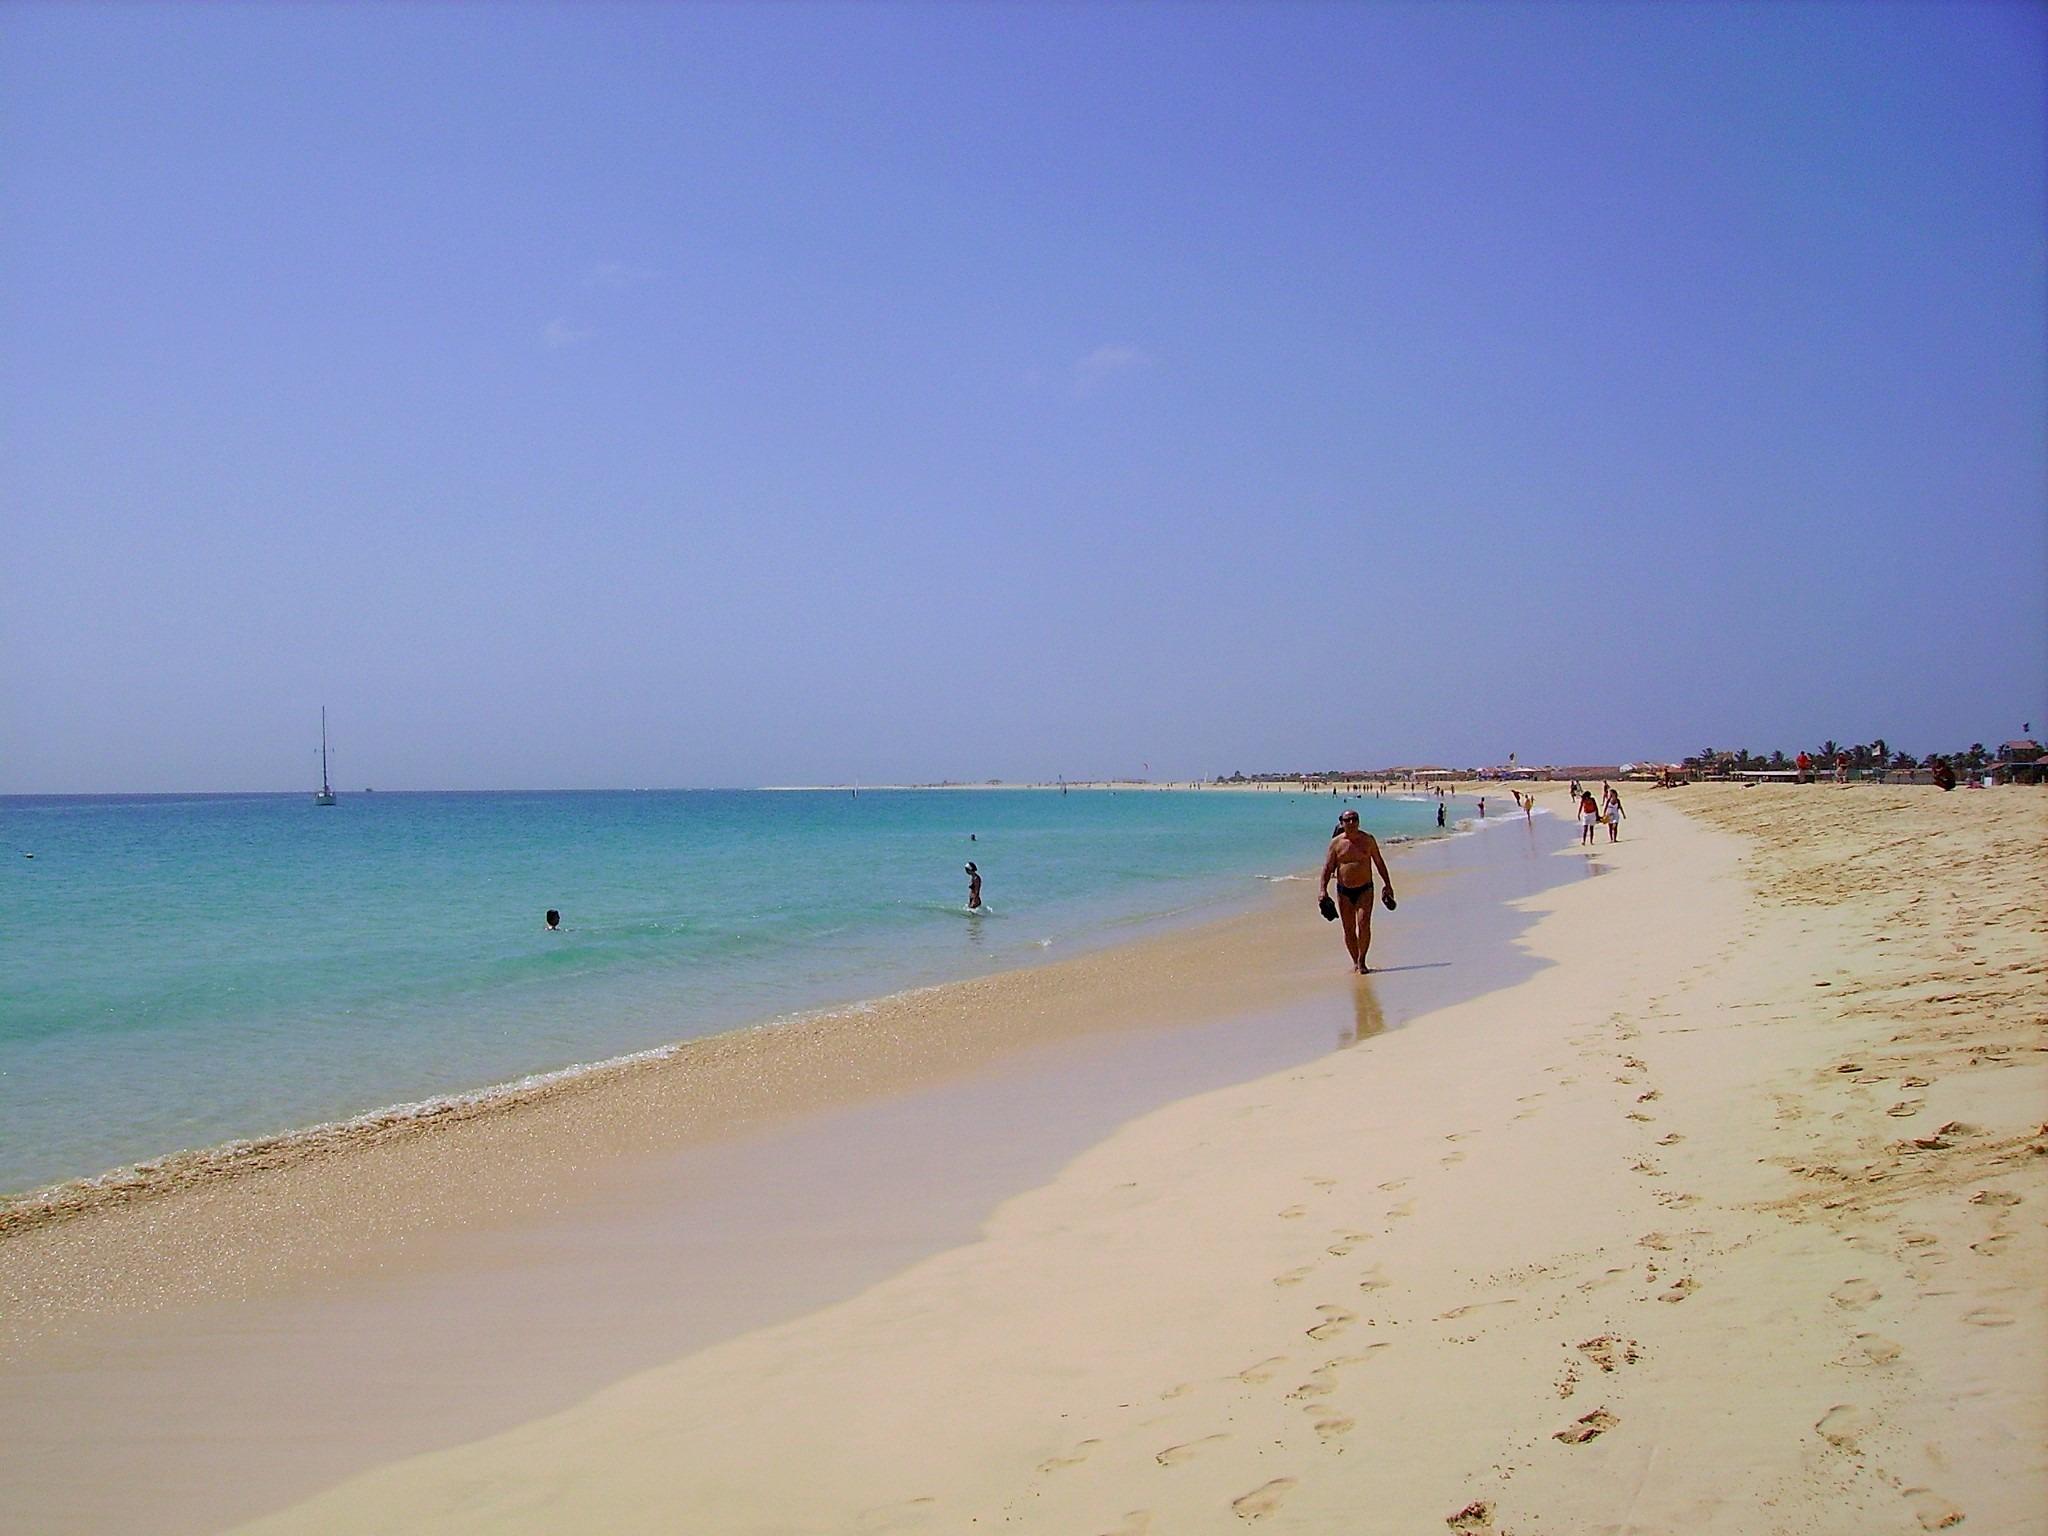 [cml_media_alt id='5167']La spiaggia dell'Isola di Sal - Capo Verde - credits Nico[/cml_media_alt]